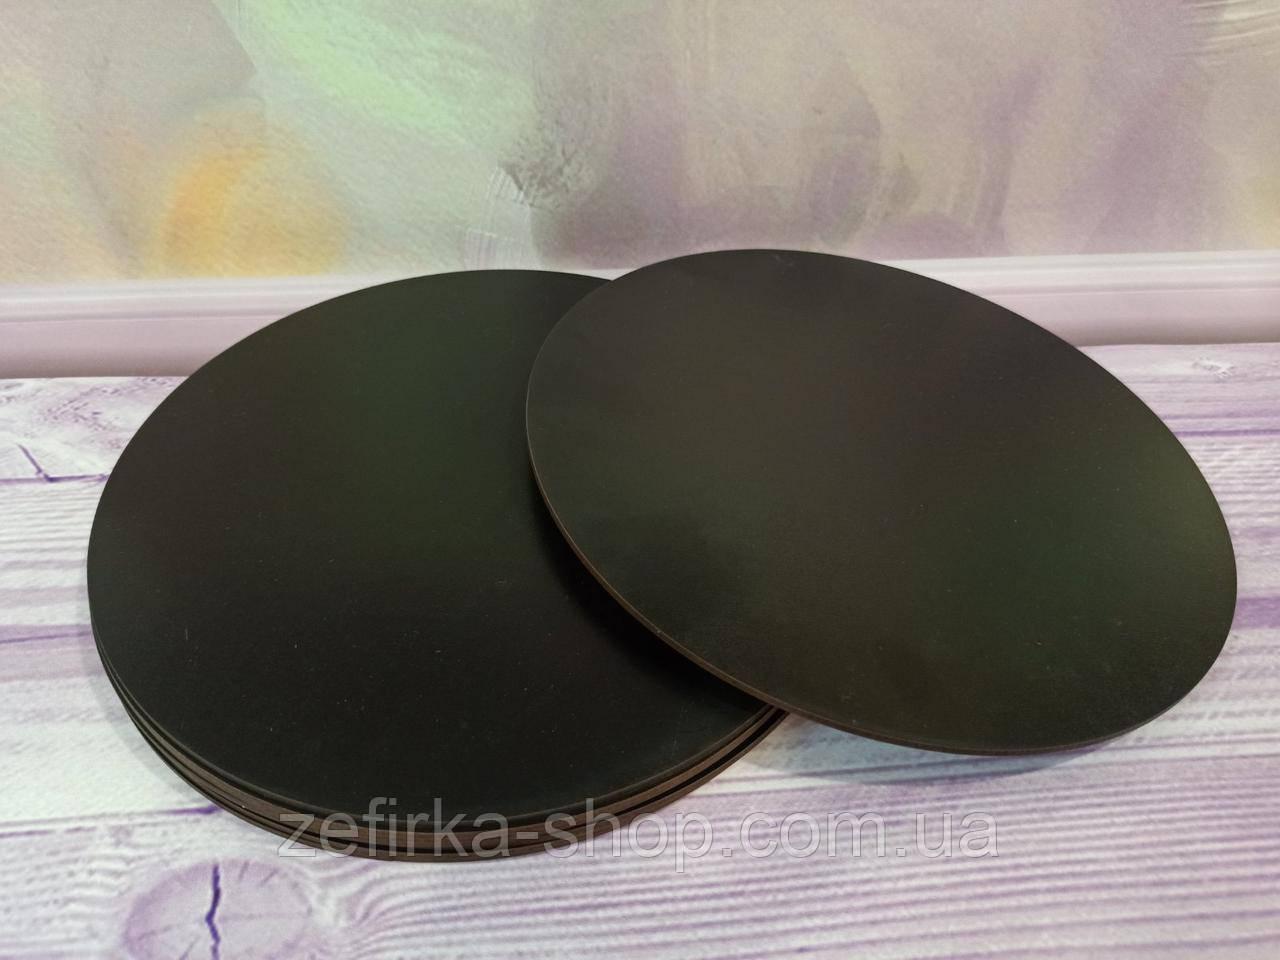 Подложка под торт уплотненная ДВП, 25 см, черная